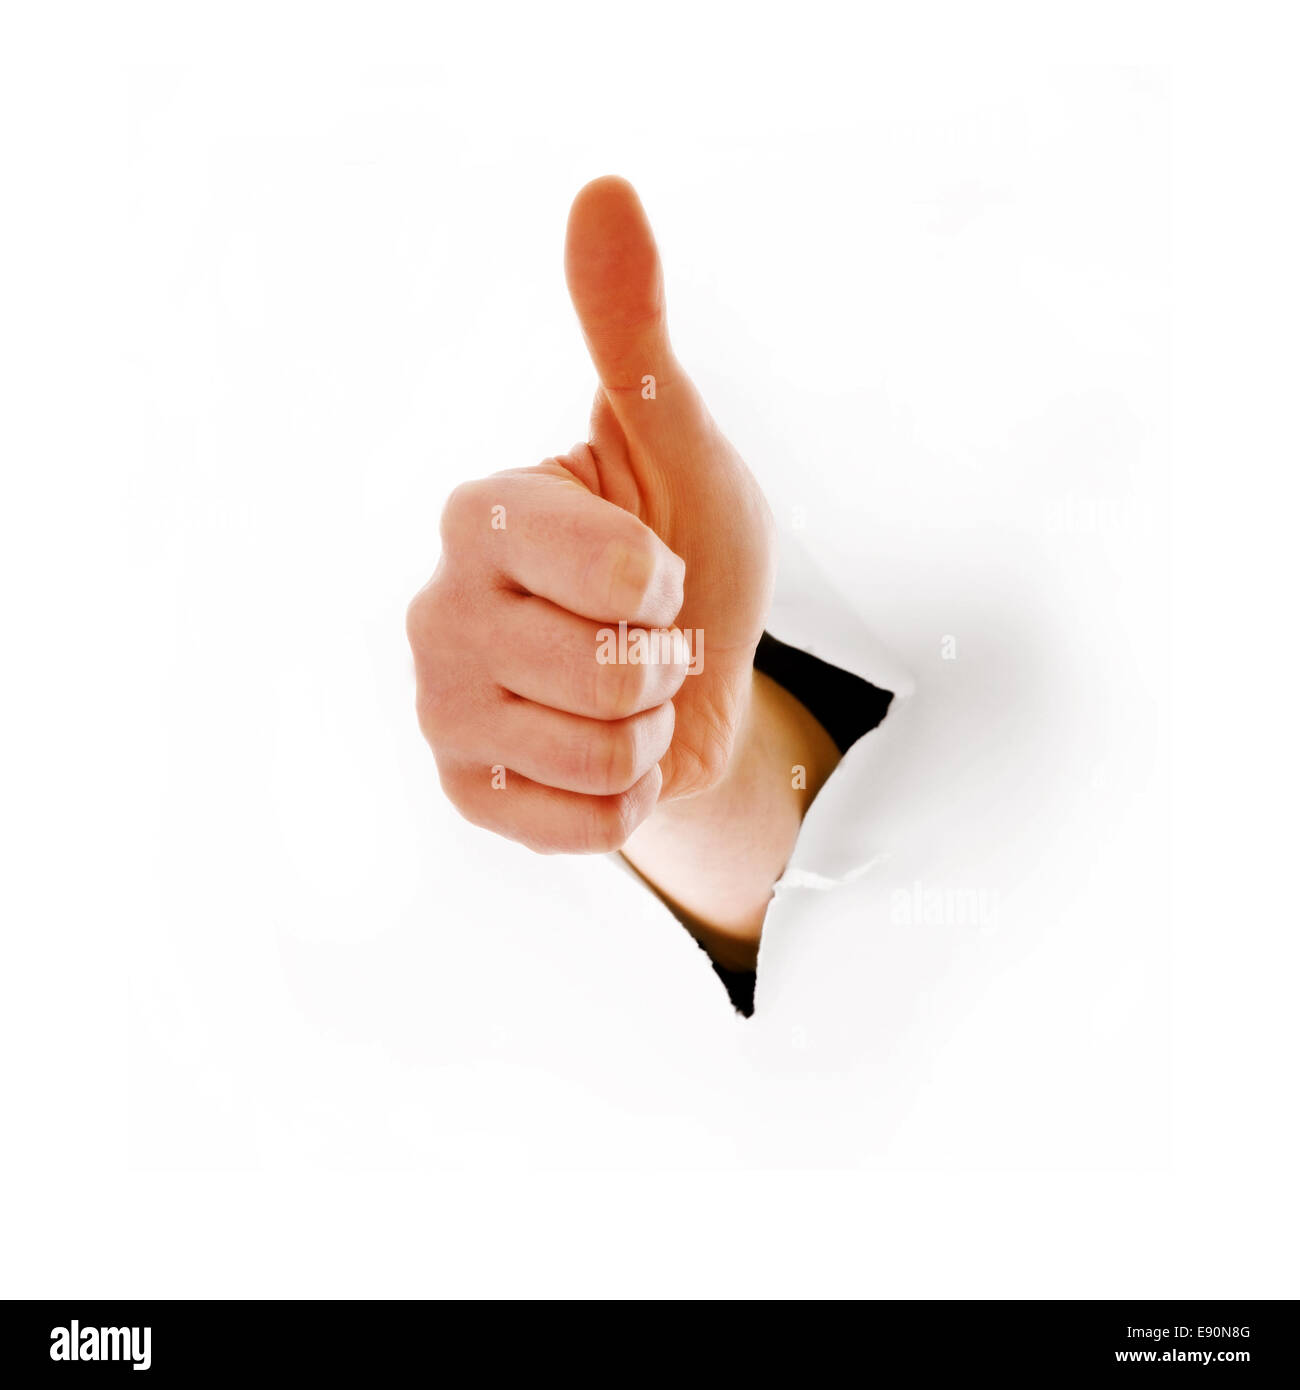 Positivo Imagen De Stock